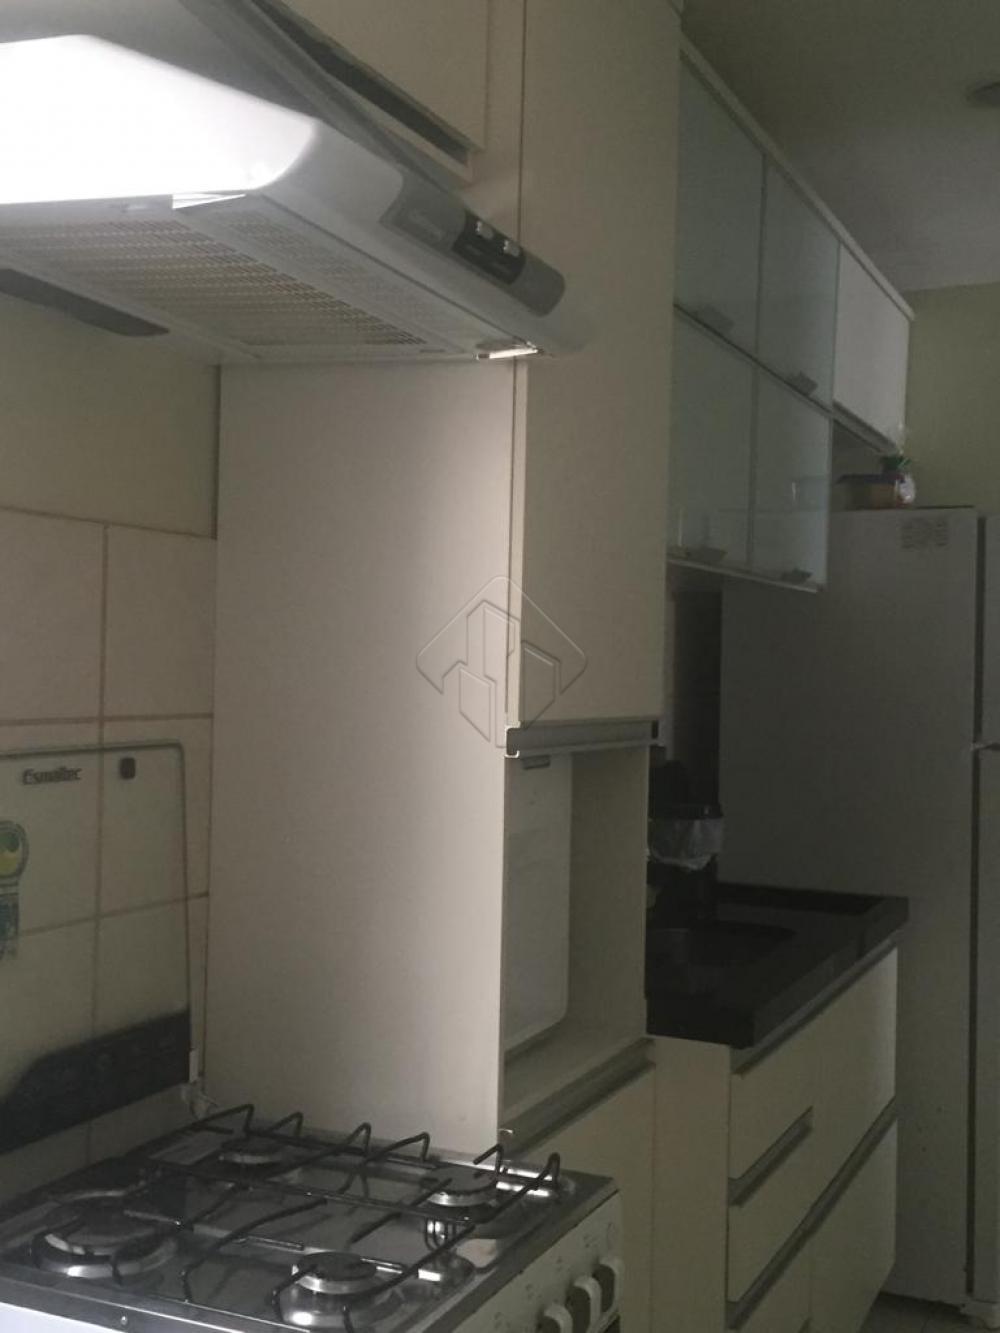 Apartamento bem localizado, perto de supermercados, escolas, farmácias, com 02 quartos sendo uma suíte, lavabo, 01 vaga de garagem.